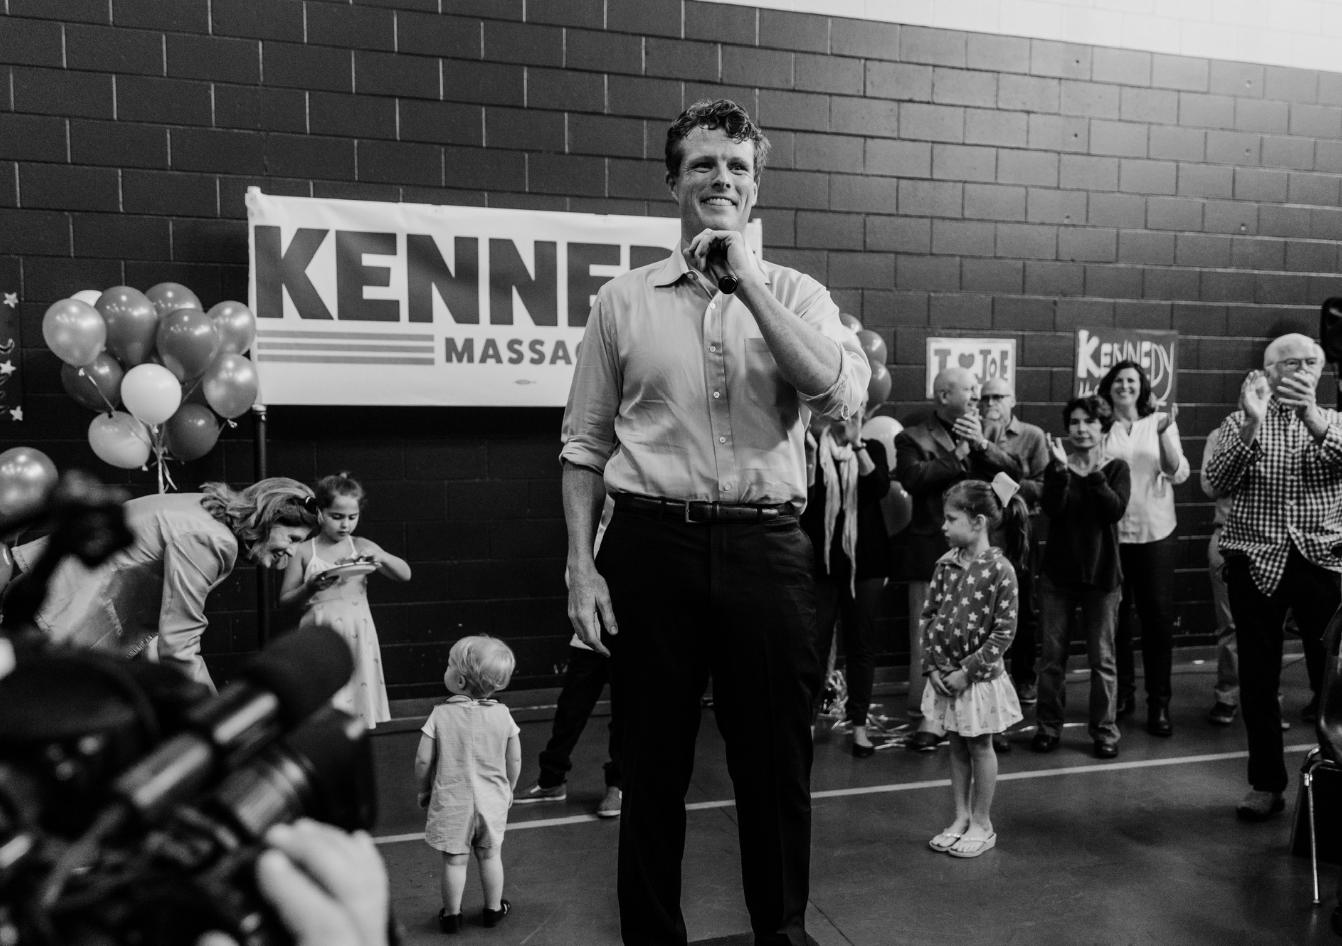 ELECCIONES. El representante Joseph P. Kennedy III lidera la contienda demócrata por el Senado